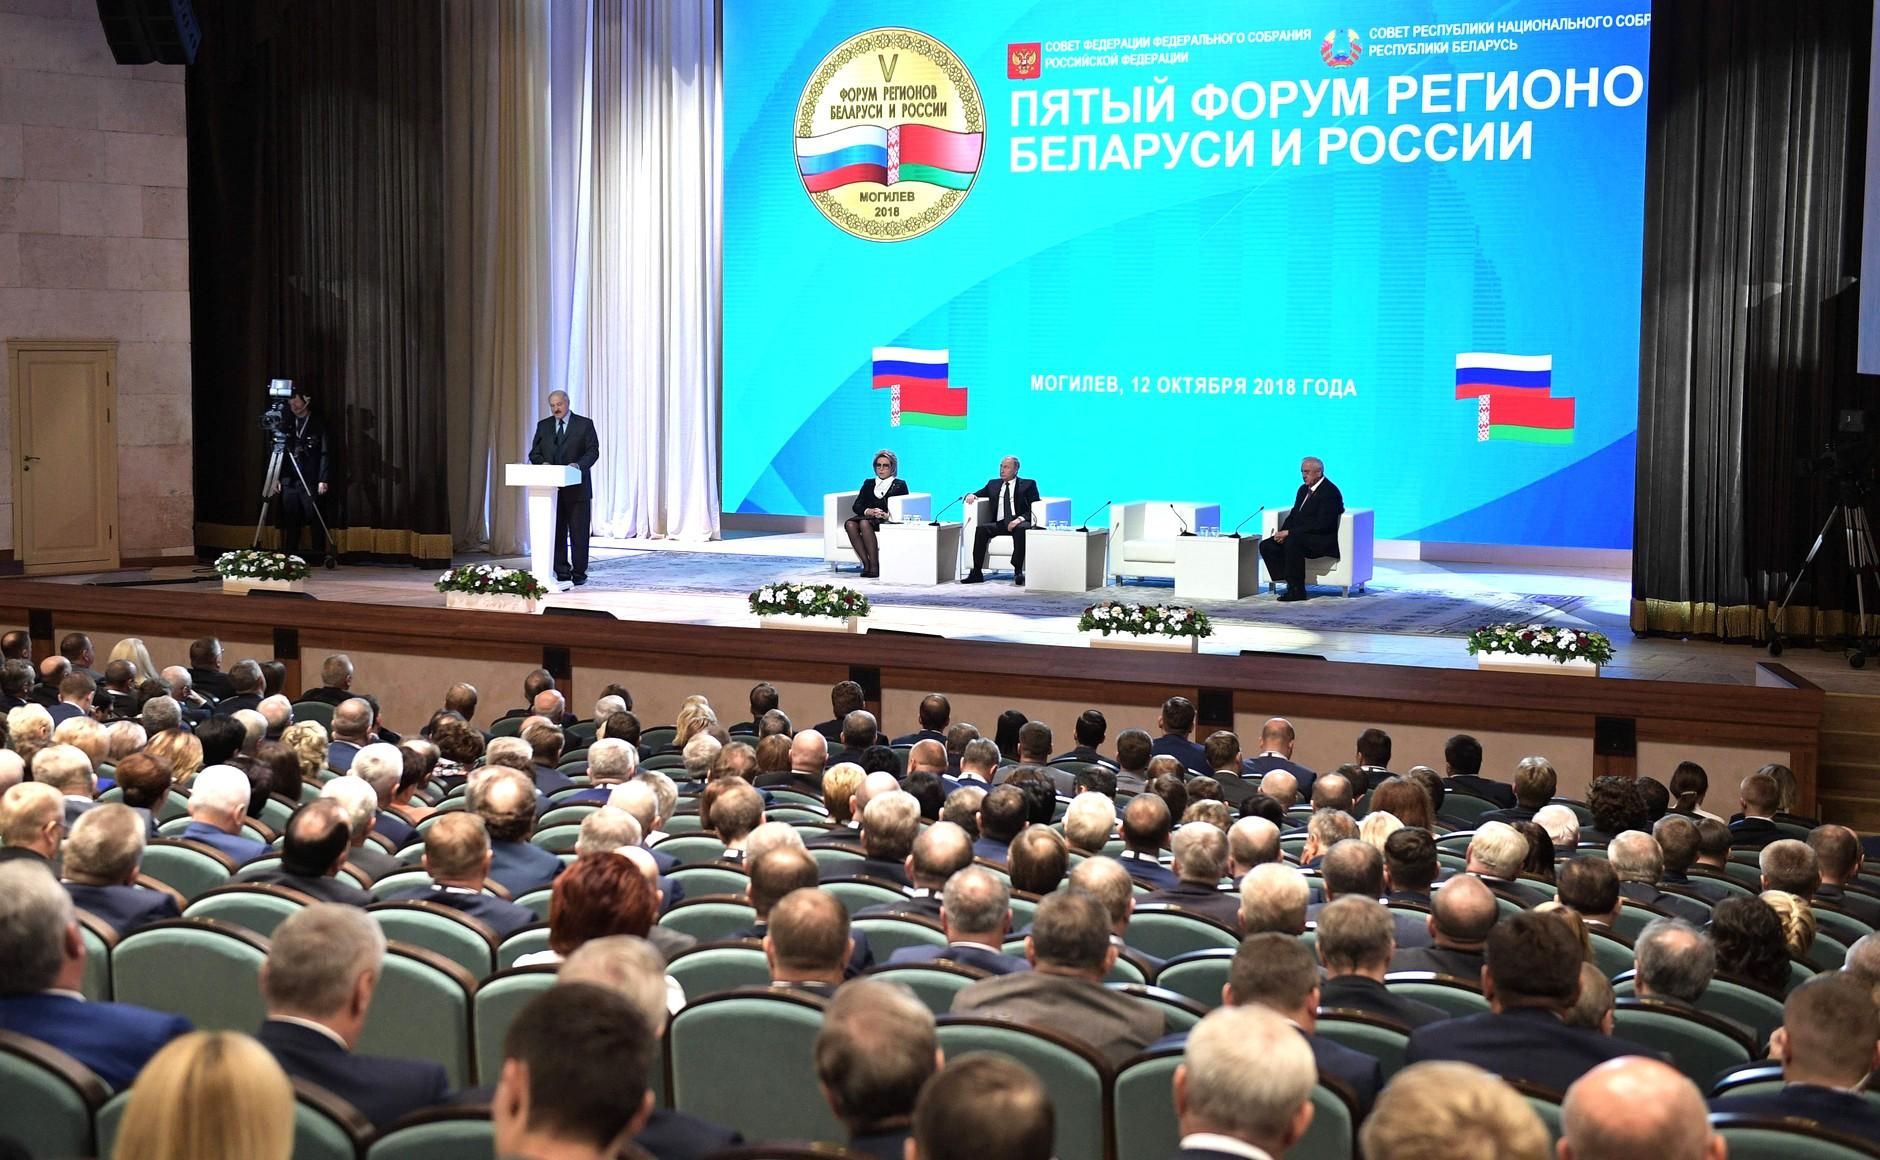 Губернатор Кировской области Игорь Васильев принял участие в работе V Форума регионов России и Беларуси.